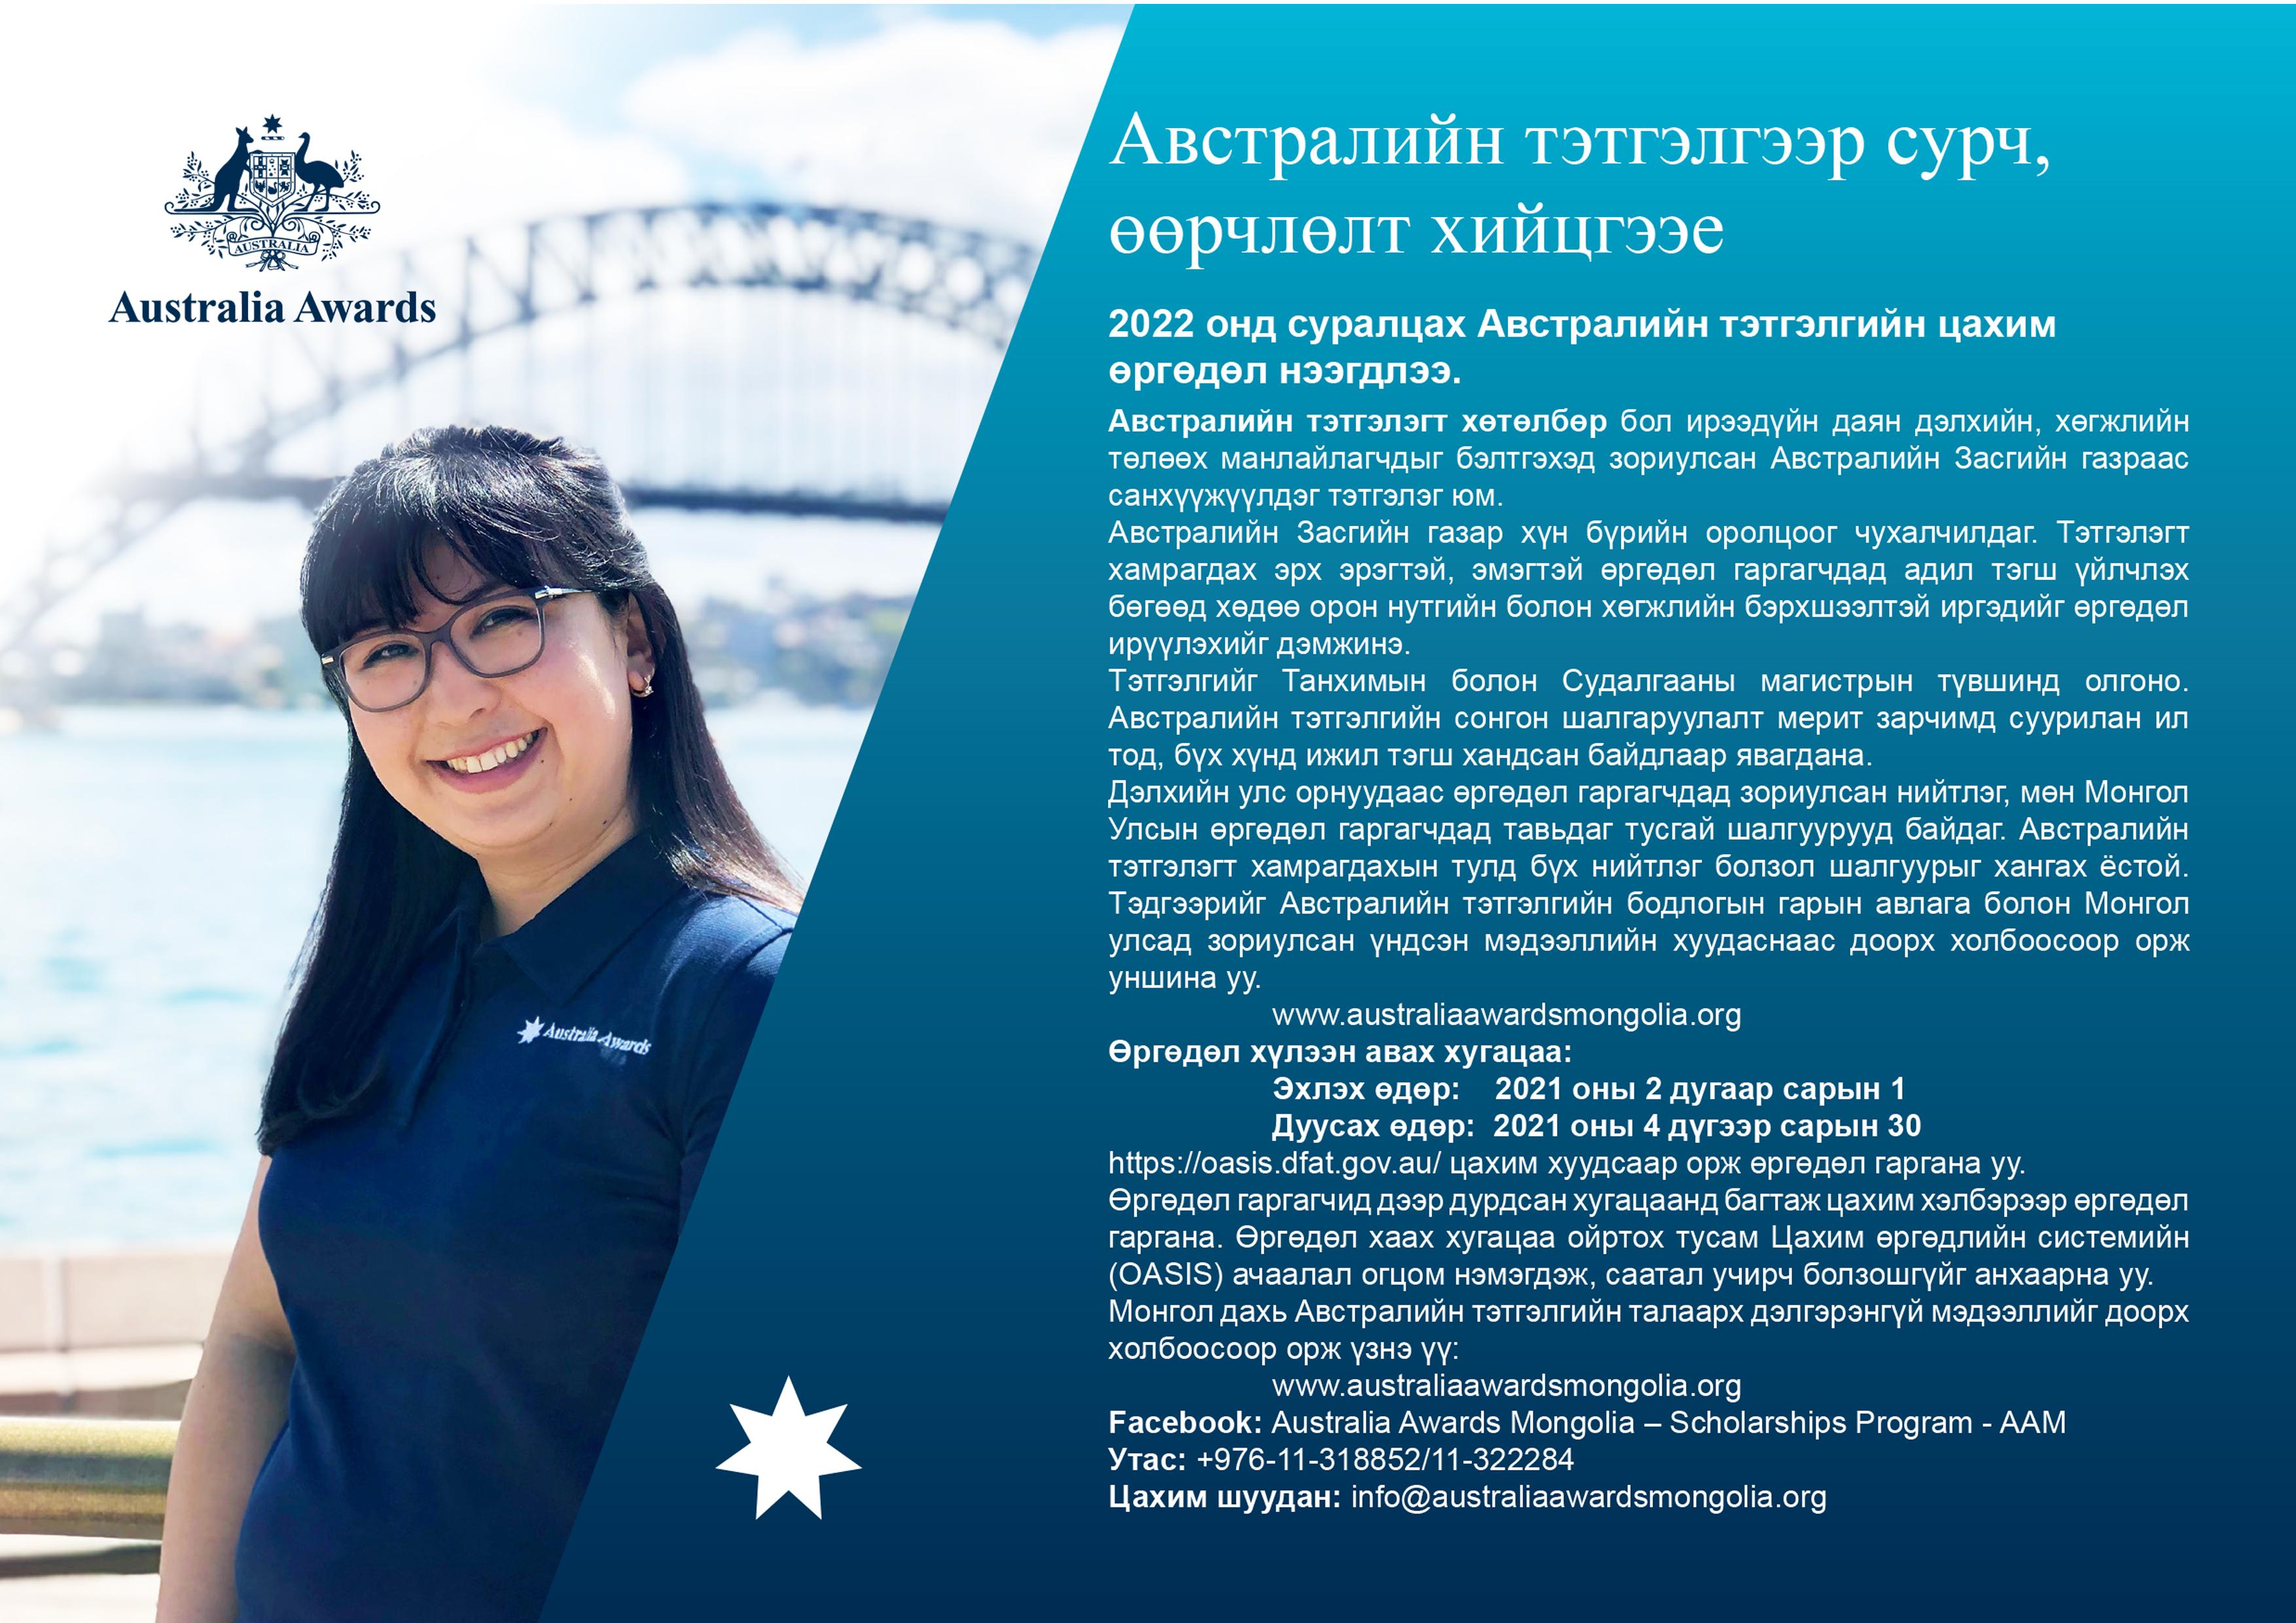 2022 онд суралцах Австралийн тэтгэлгийн цахим өргөдөл нээгдлээ.